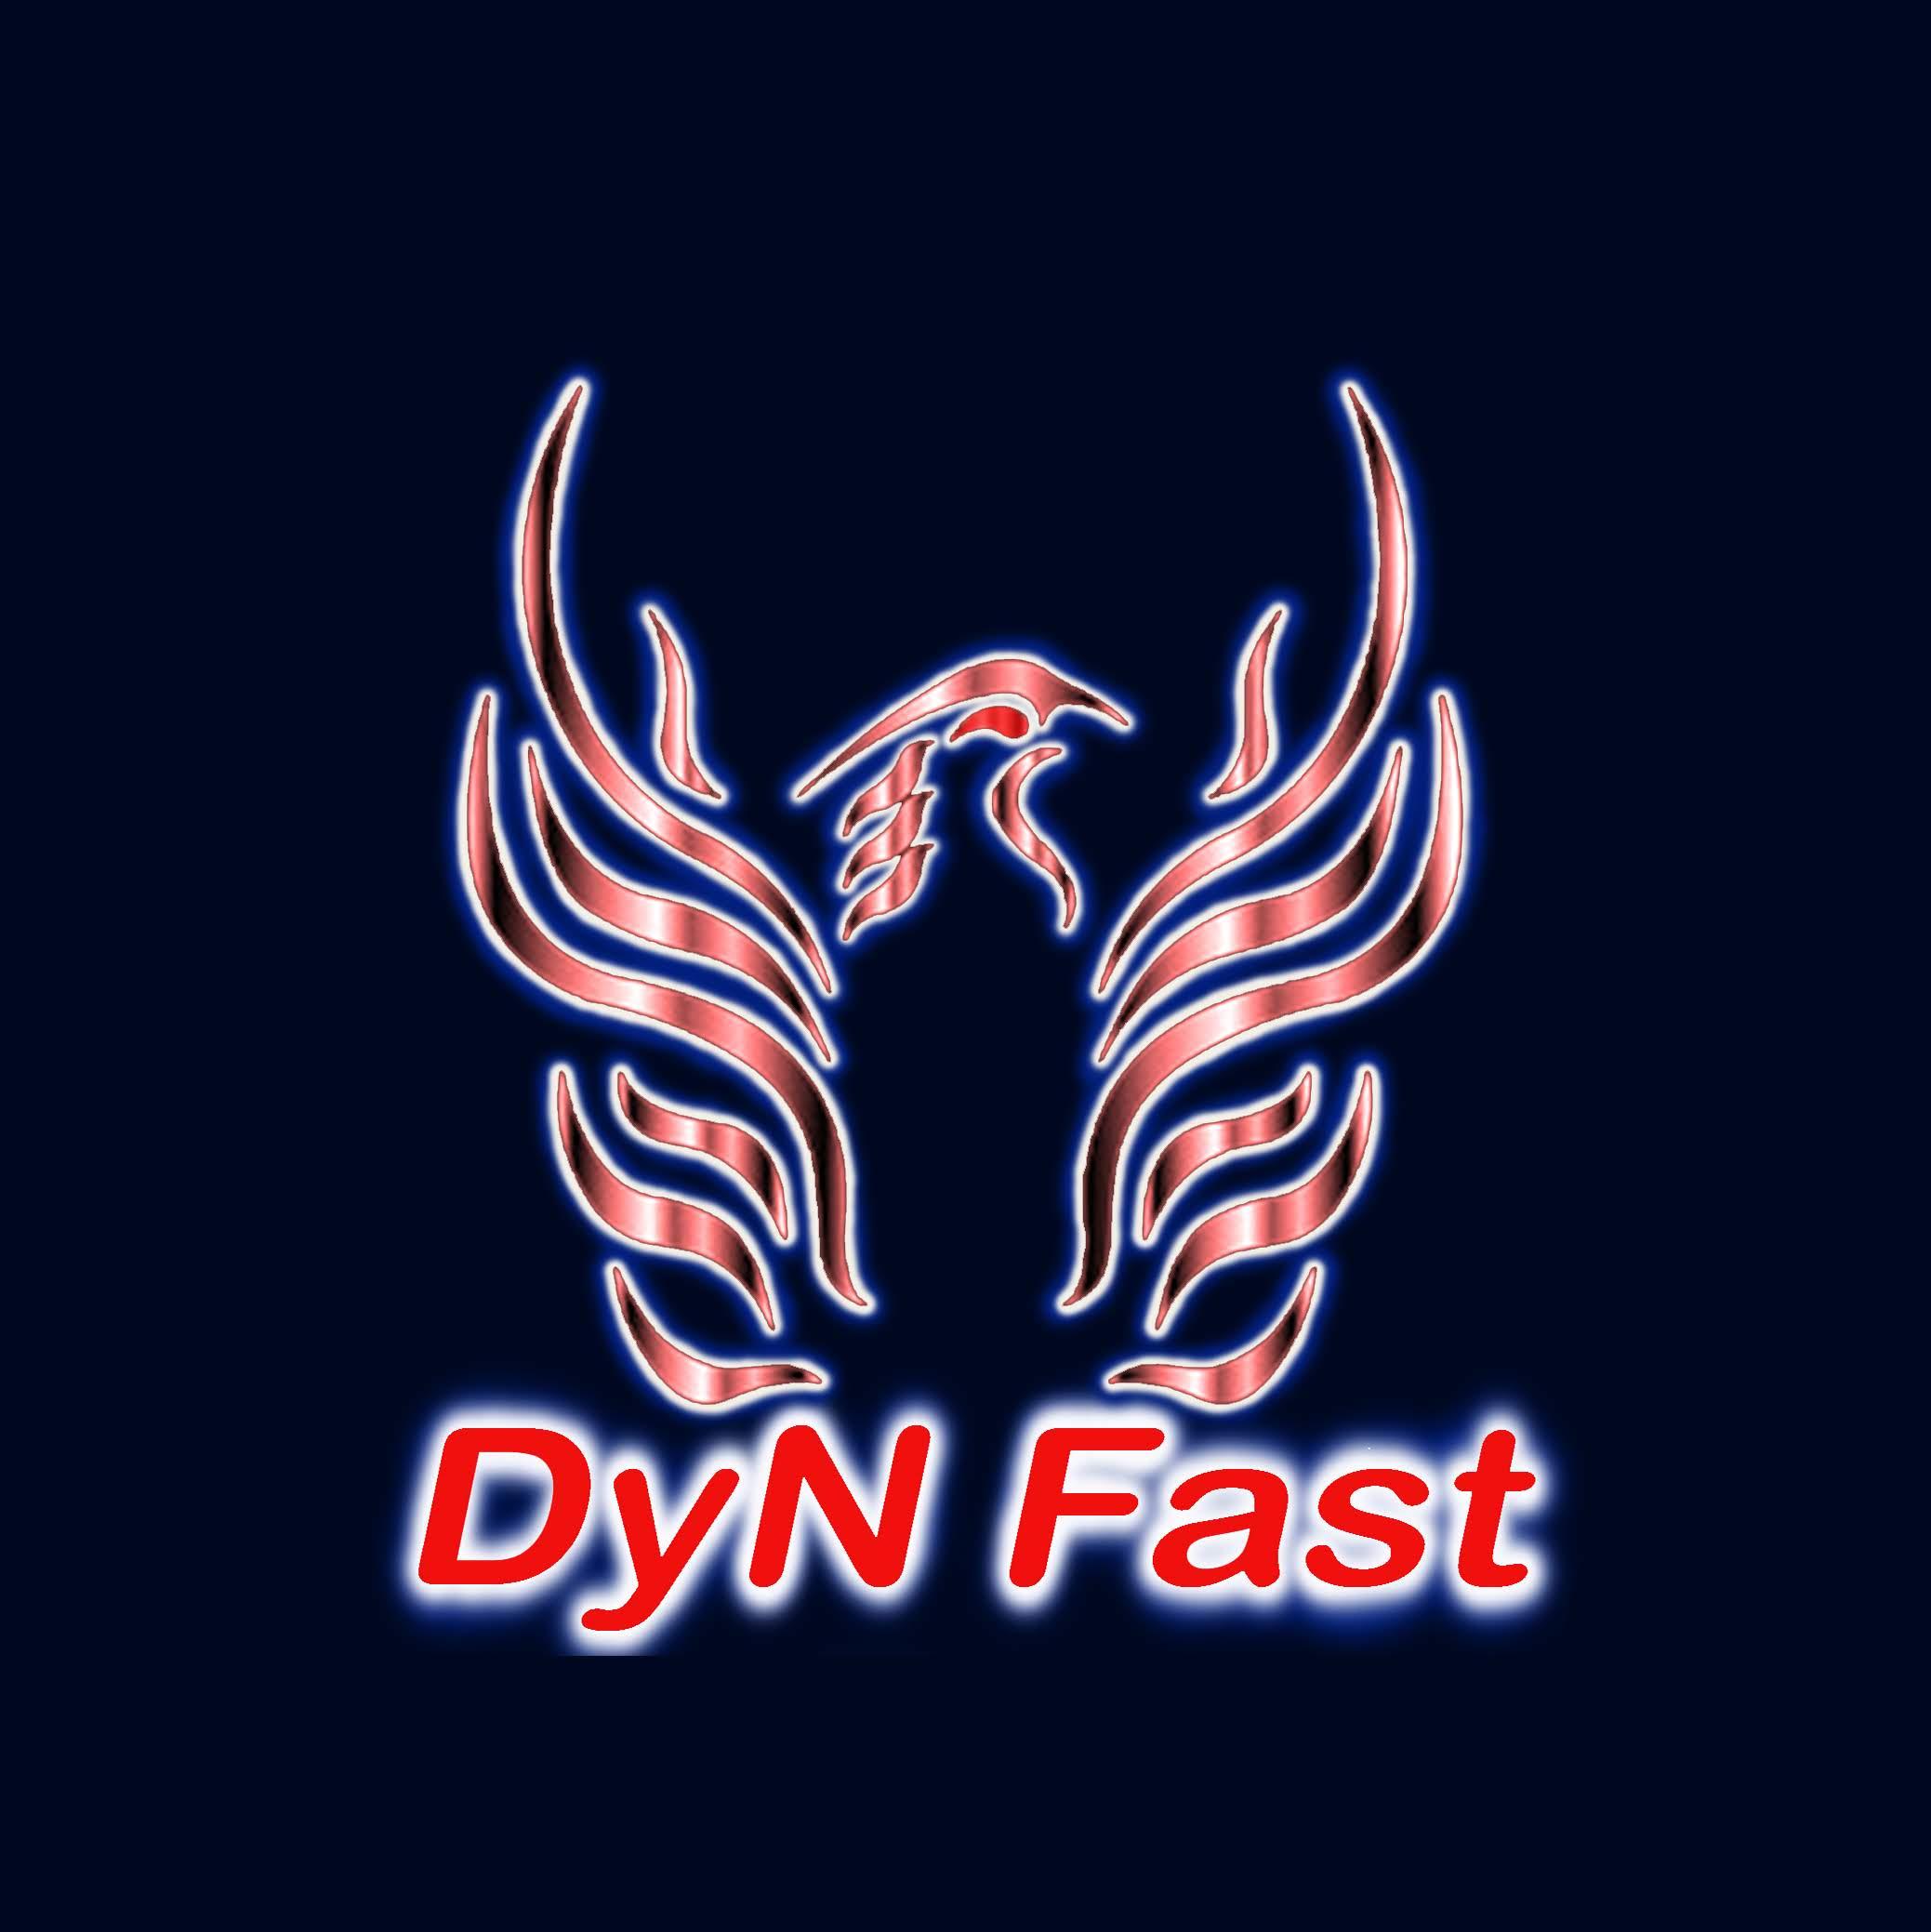 DyN Fast